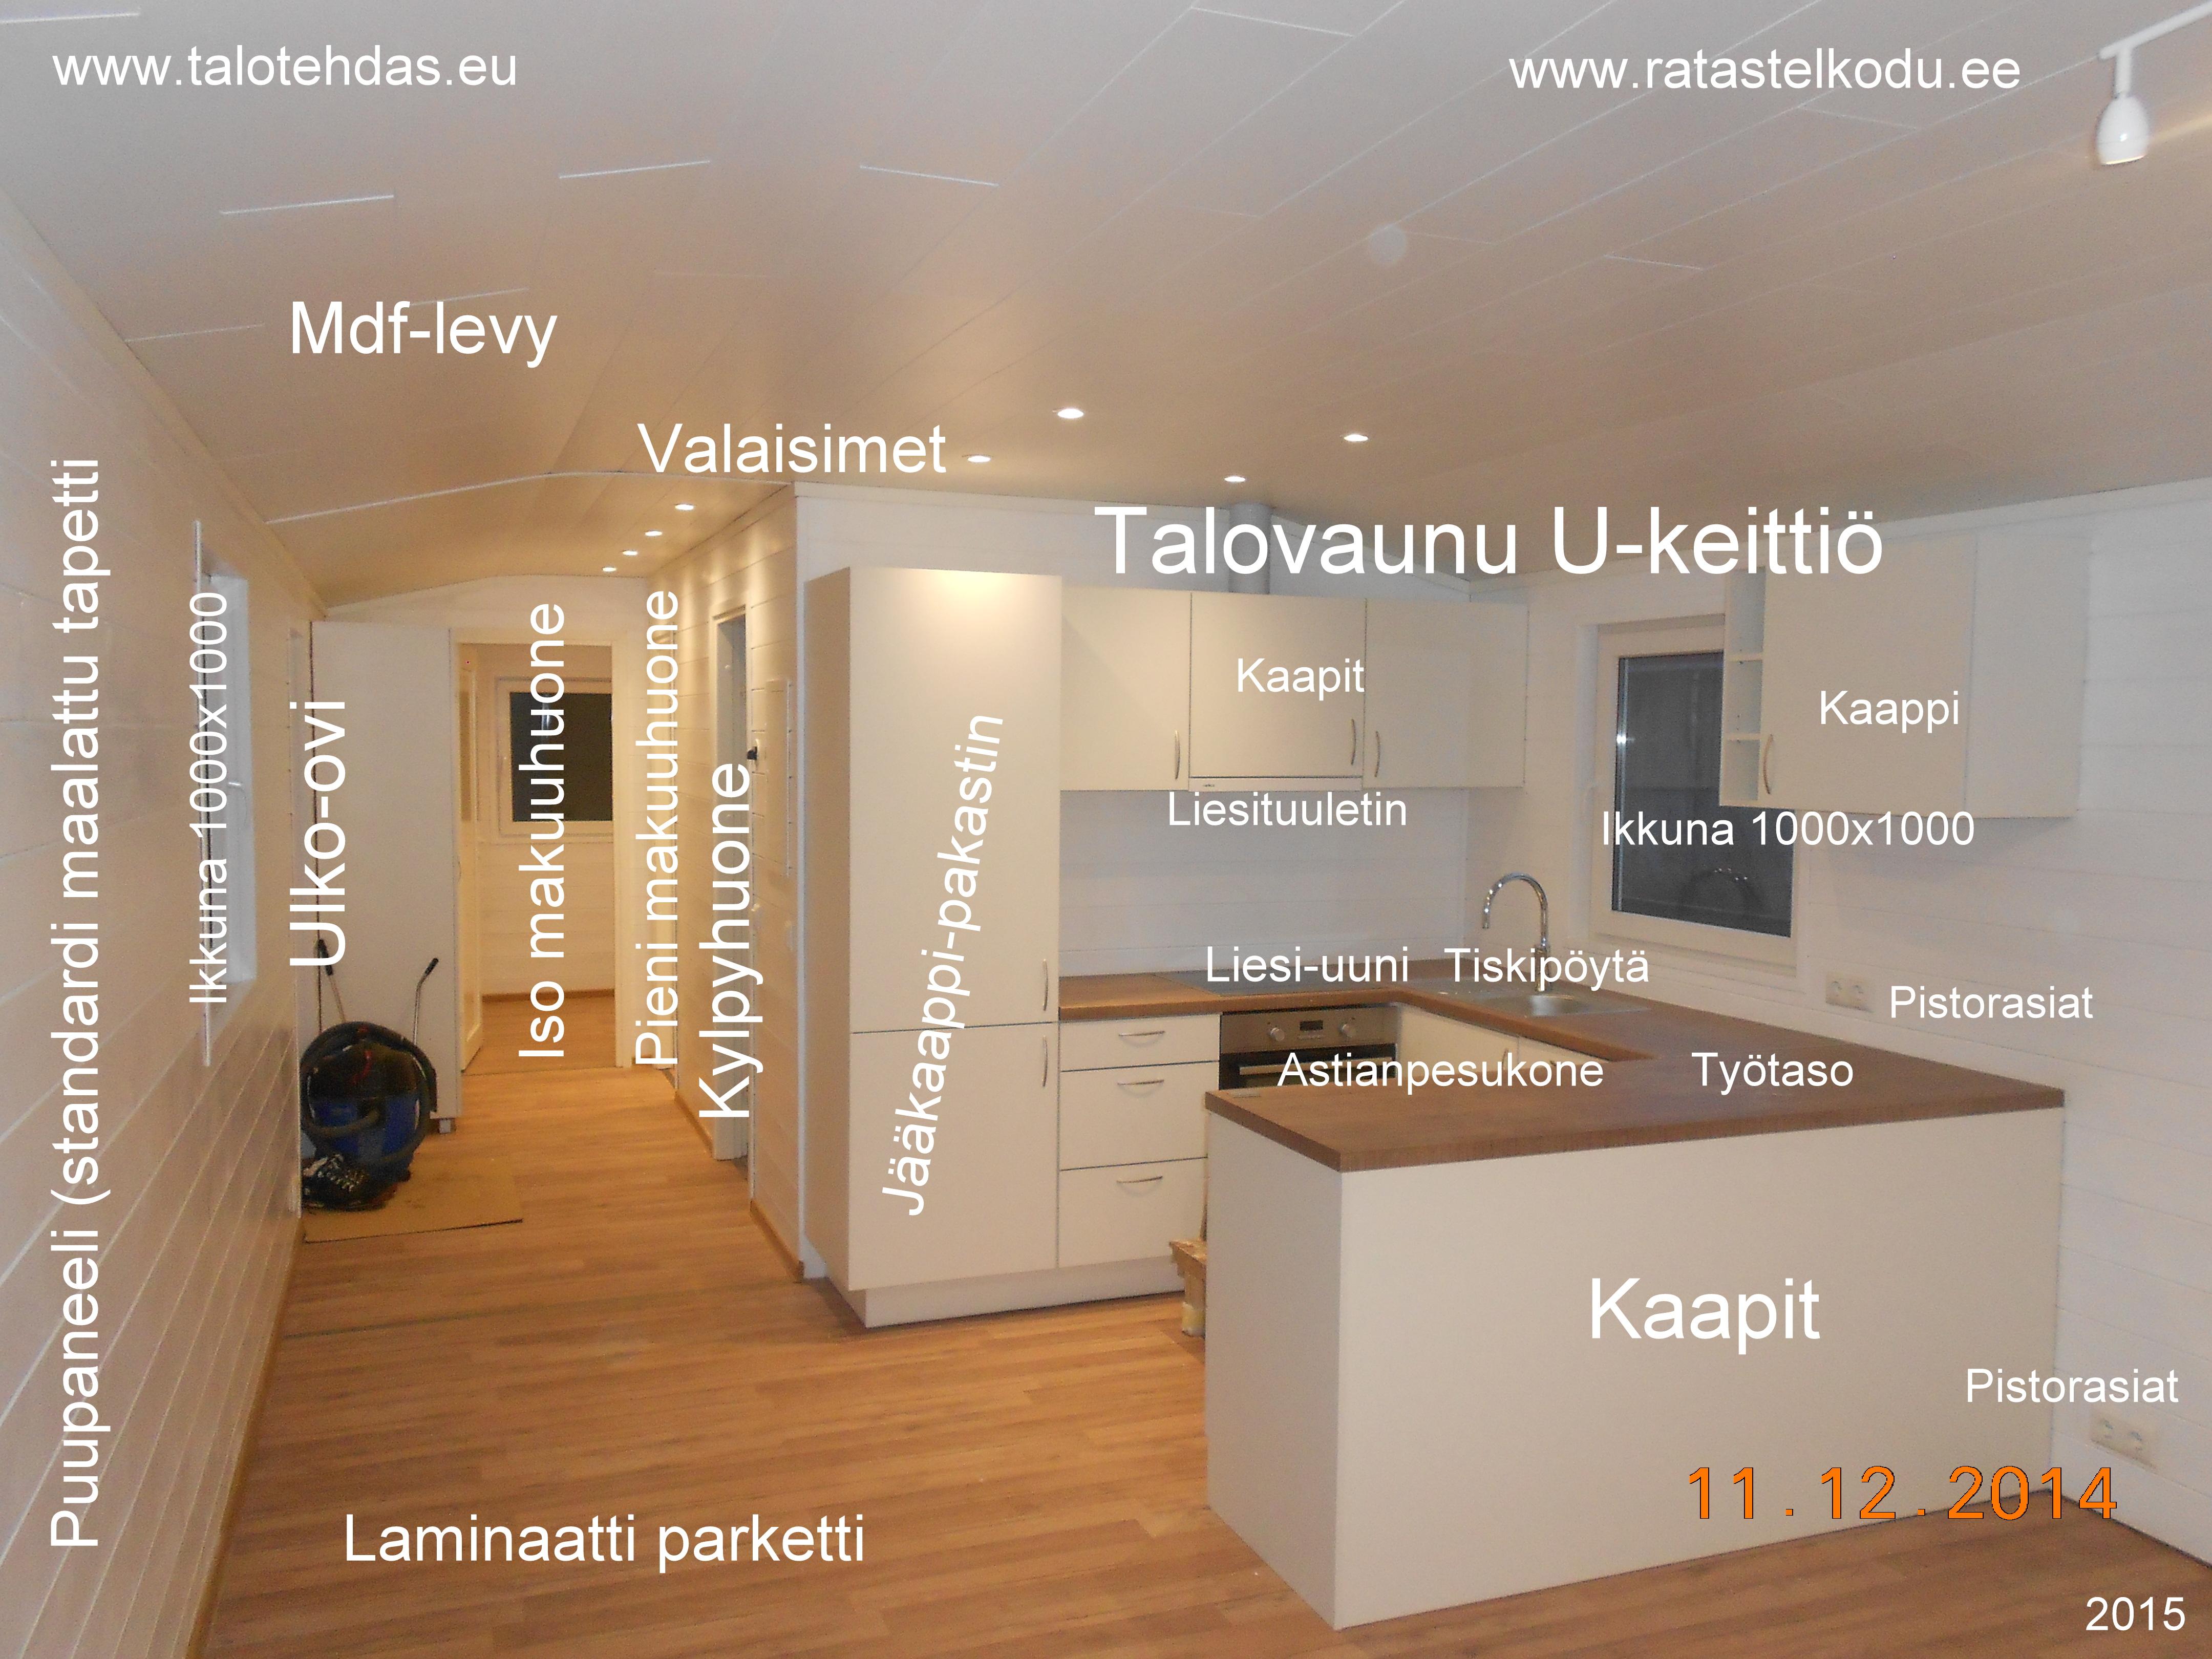 Talovaunu keittiö, u keittiö, talotehdas, viro, talopaketti virosta, ratastel